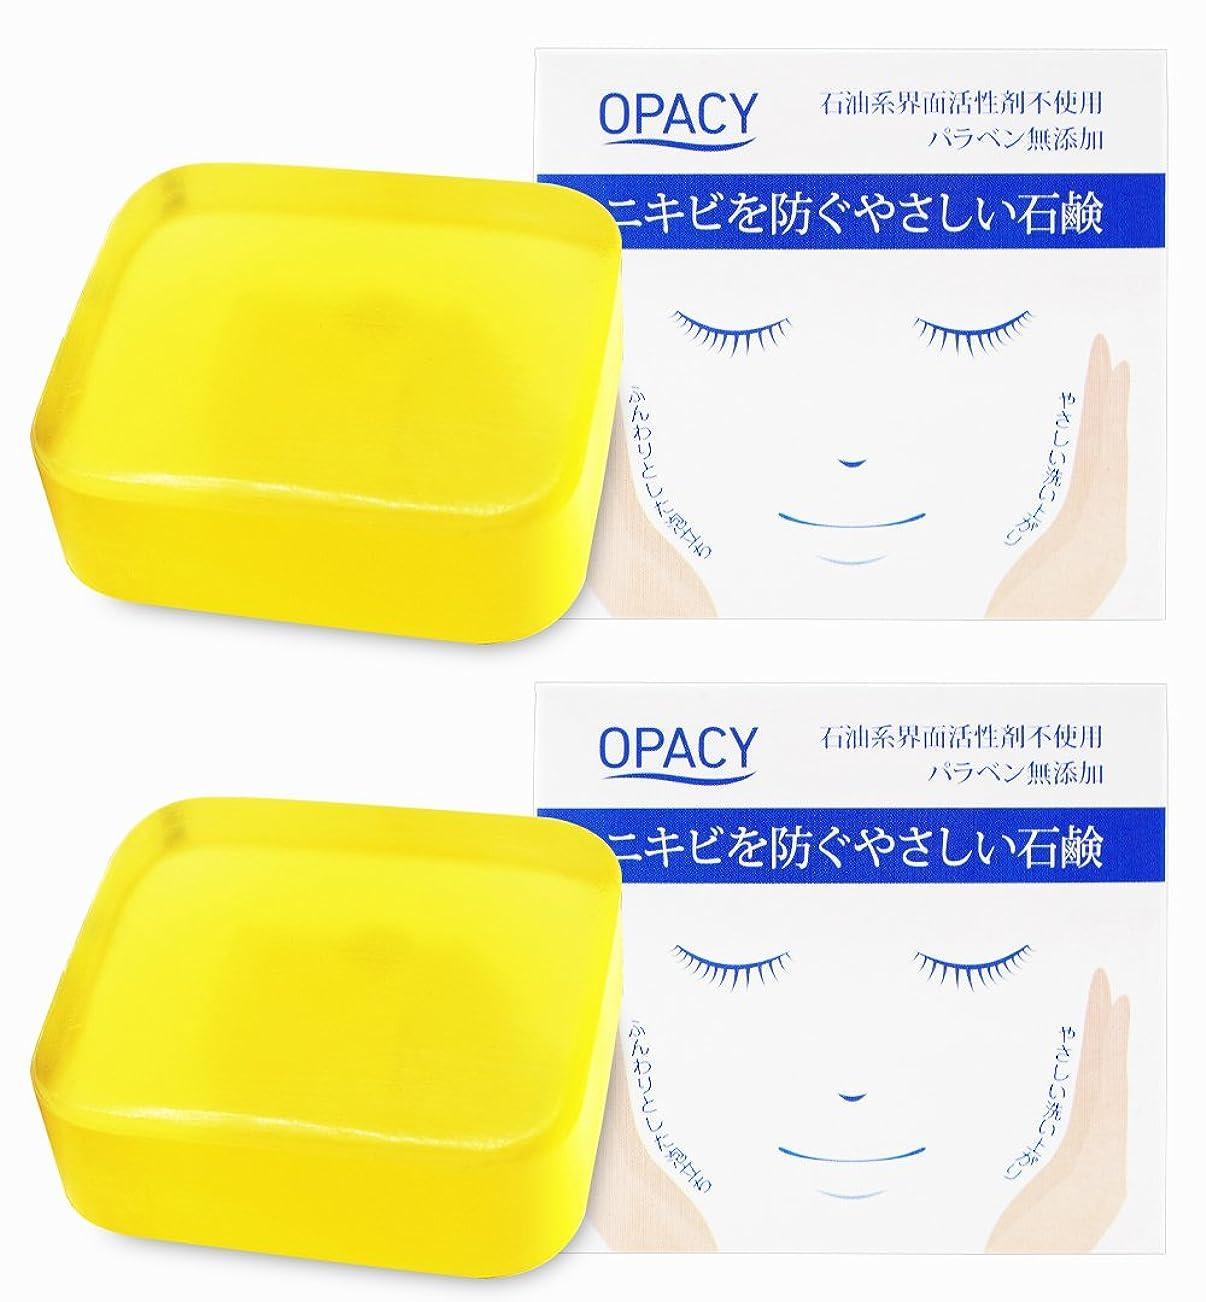 クマノミモック区画【2個セット】オパシー石鹸100g (2個)